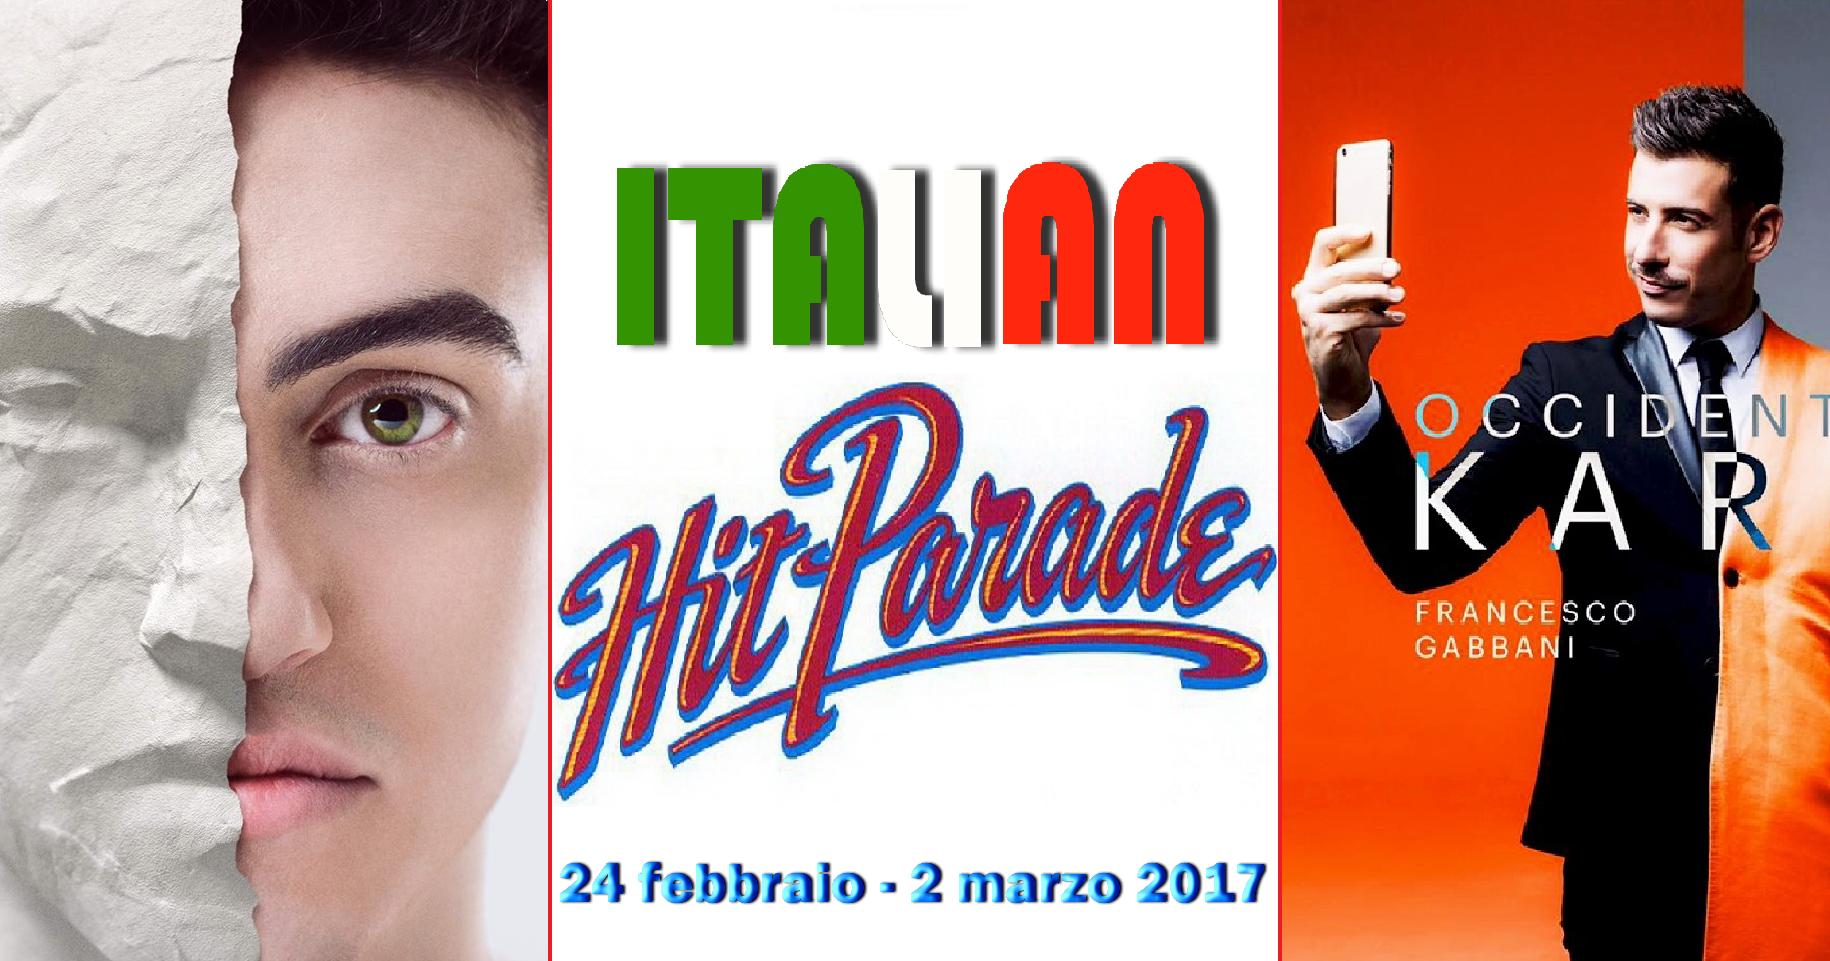 Tra gli albumpodio tutto sanremese con Michele Bravi al primo posto;Gabbani e Sheeran si tengono ben saldi in vetta alla classifica dei singoli. Ecco l'Italian Hit Parade di questa settimana. […]